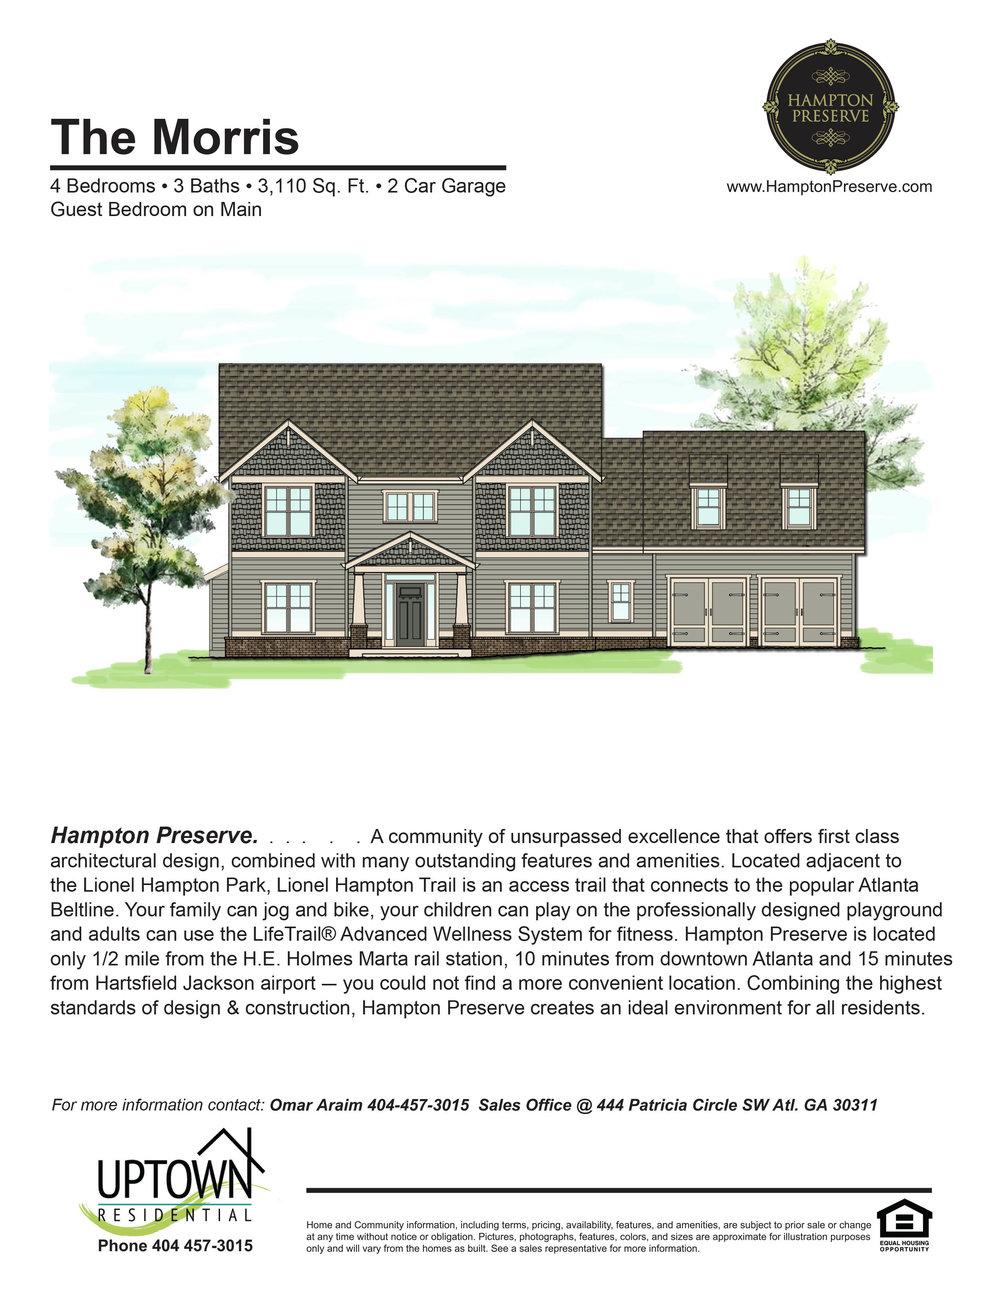 21669 Uptown Residential - Morris 1.jpg